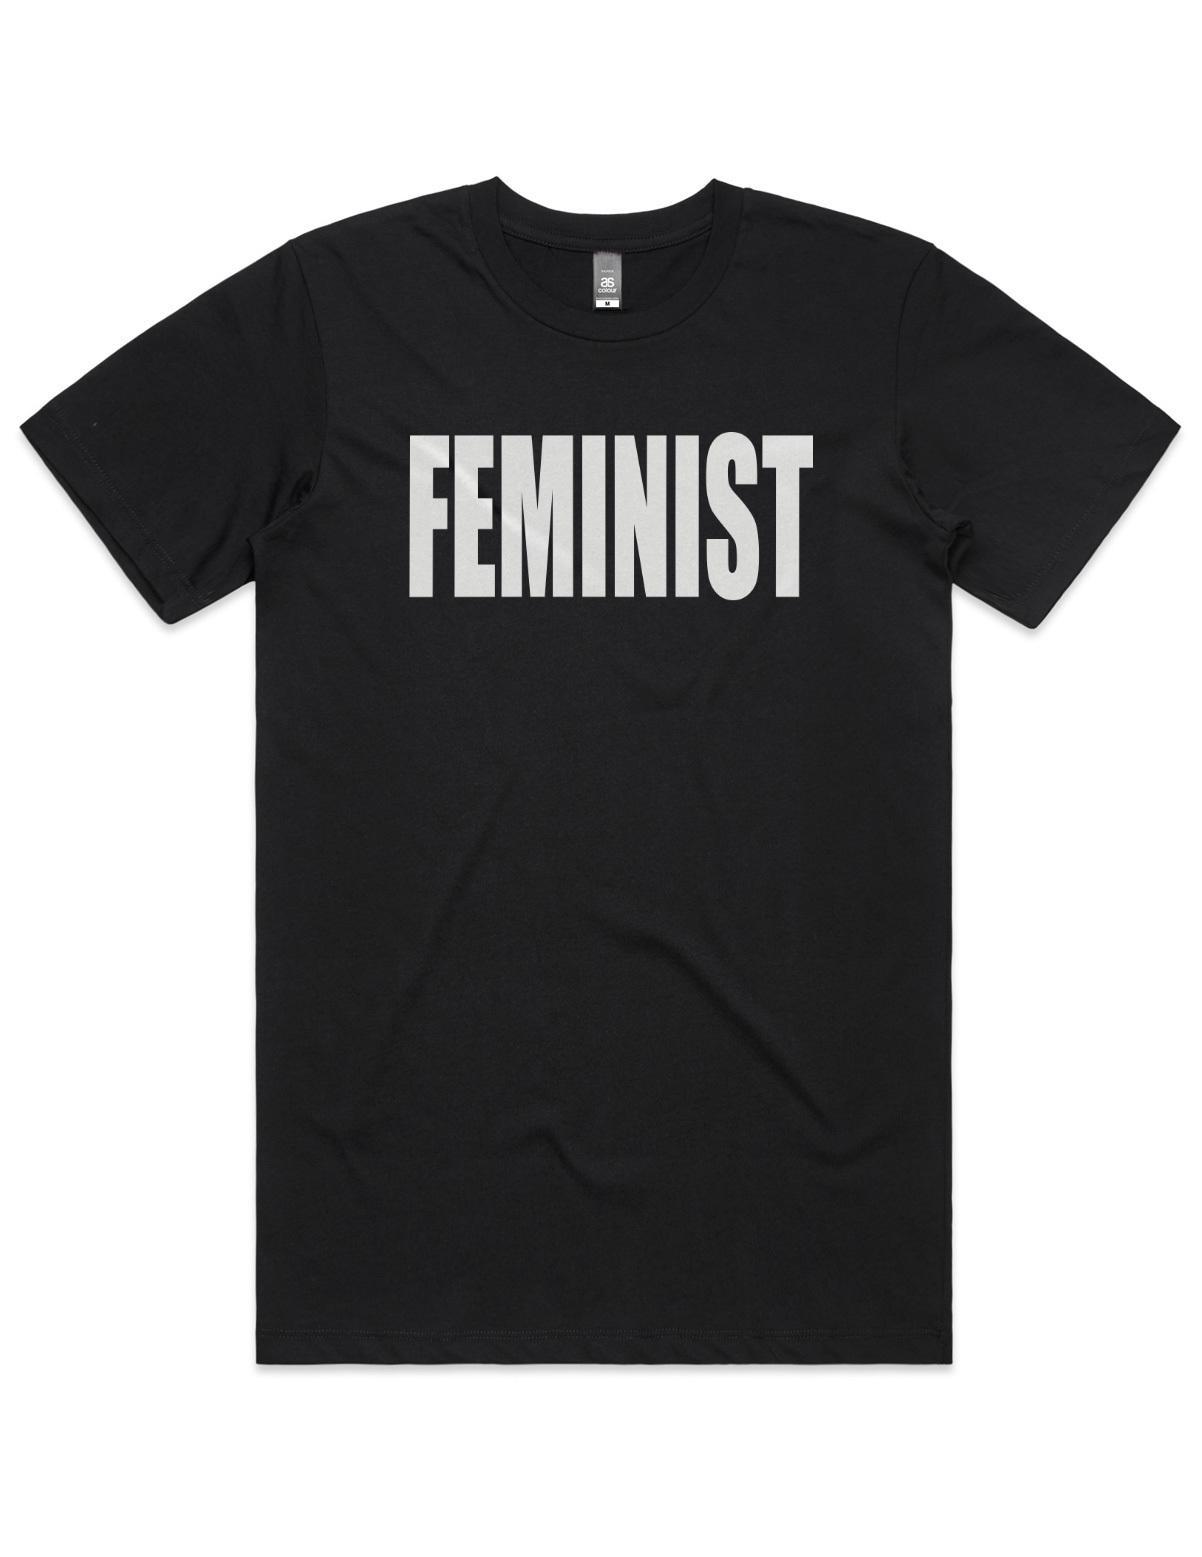 Feminist T-Shirt Black(Medium,Unisex)